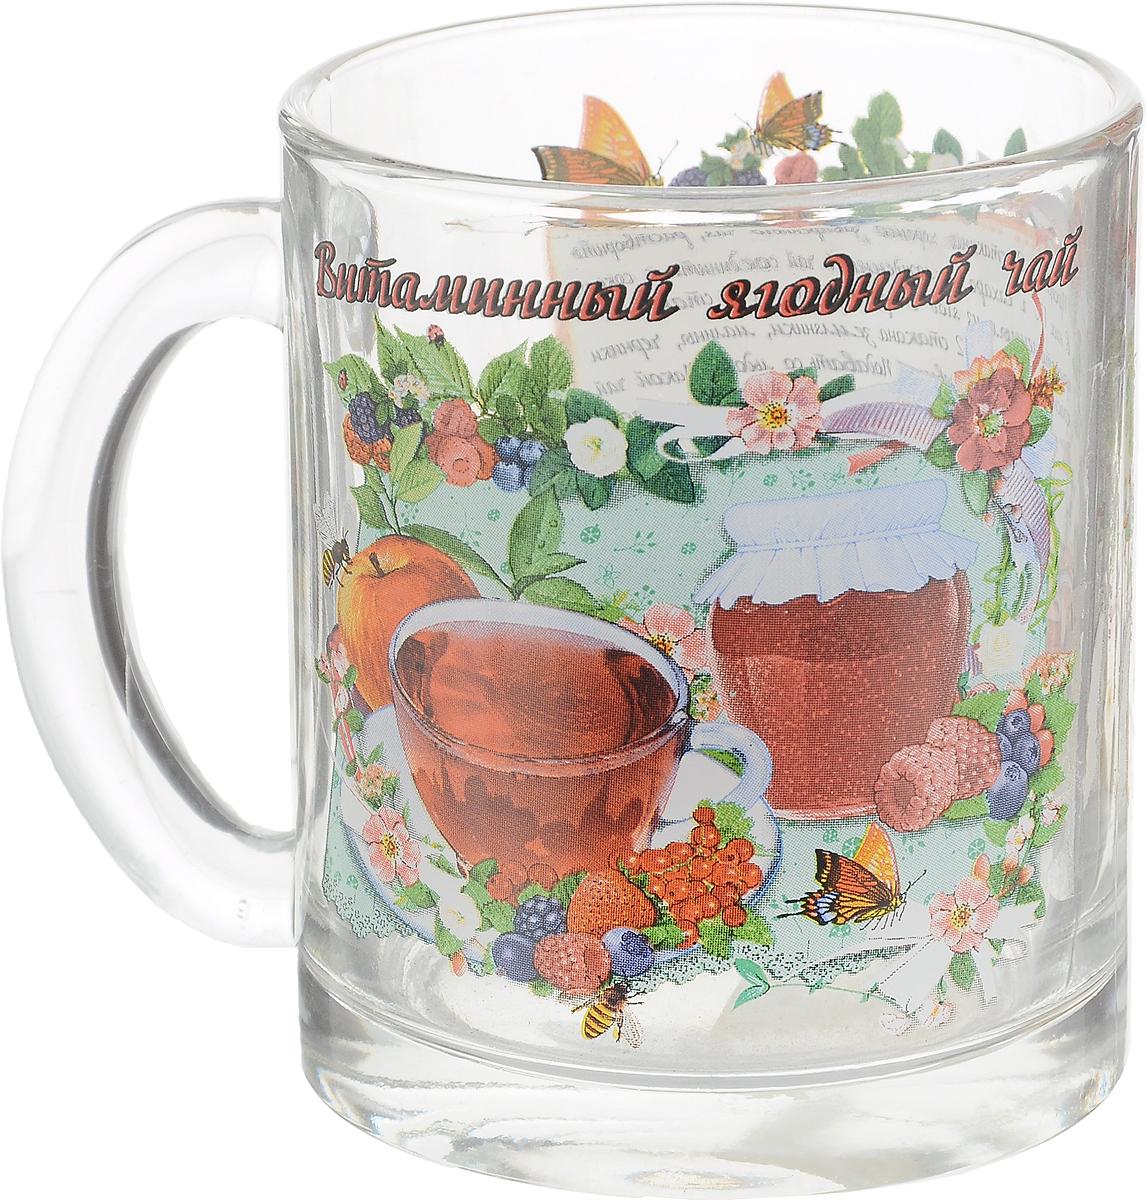 """Кружка чайная Квестор """"Витаминный ягодный чай"""" изготовлена из бесцветного стекла и украшена ярким рисунком и рецептом приготовления витаминного ягодного чая. Идеально подходит для сервировки стола. Кружка не только украсит ваш кухонный стол, но подчеркнет прекрасный вкус хозяйки.  Диаметр кружки (по верхнему краю): 8 см.  Диаметр основания: 8 см.  Ширина кружки с учетом ручки: 12 см.  Высота кружки: 9,5 см. Объем кружки: 320 мл."""